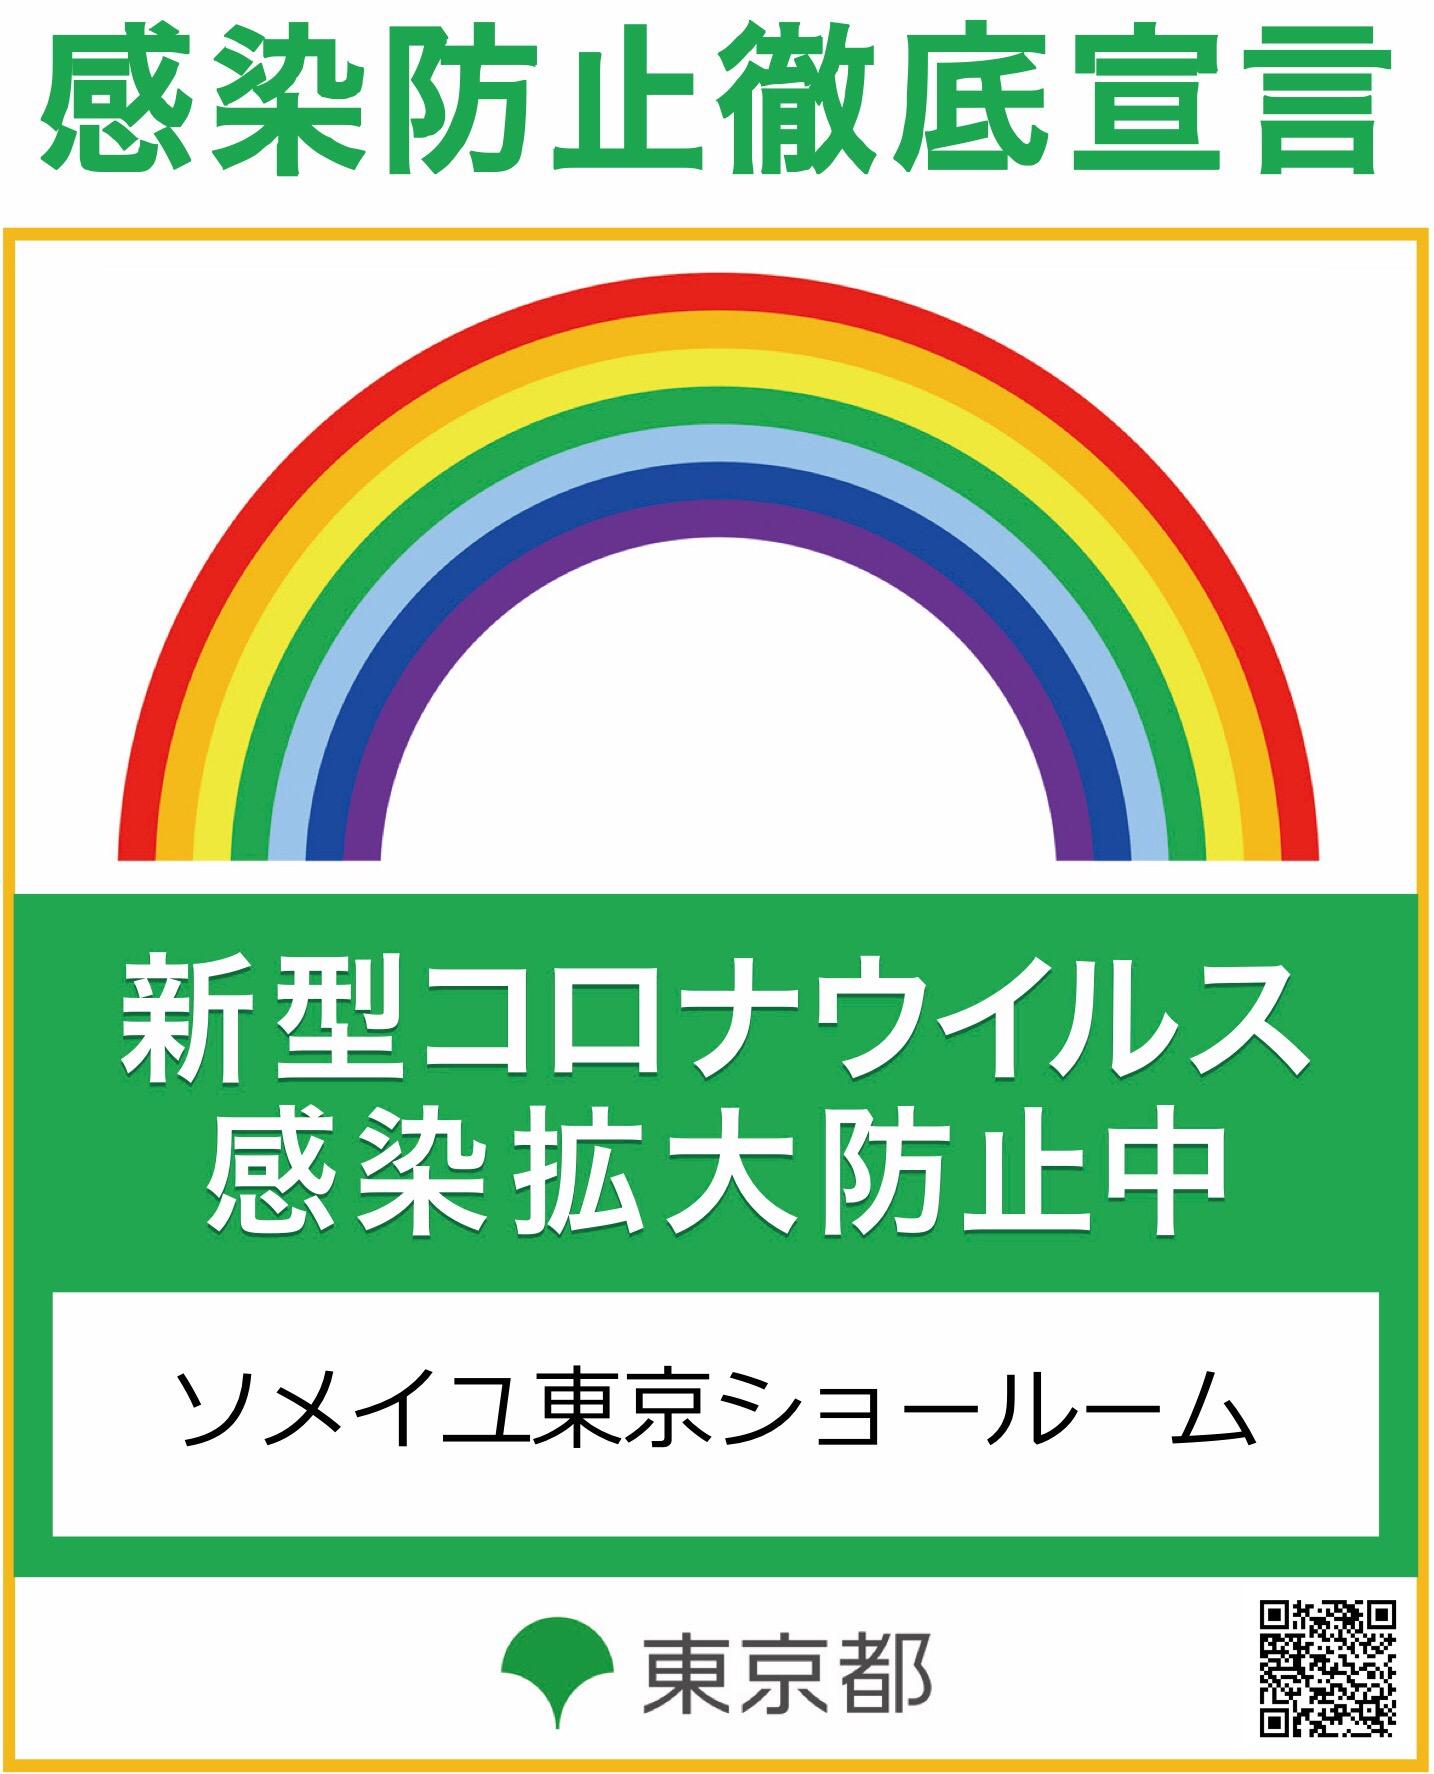 コロナ対策東京都ステッカー